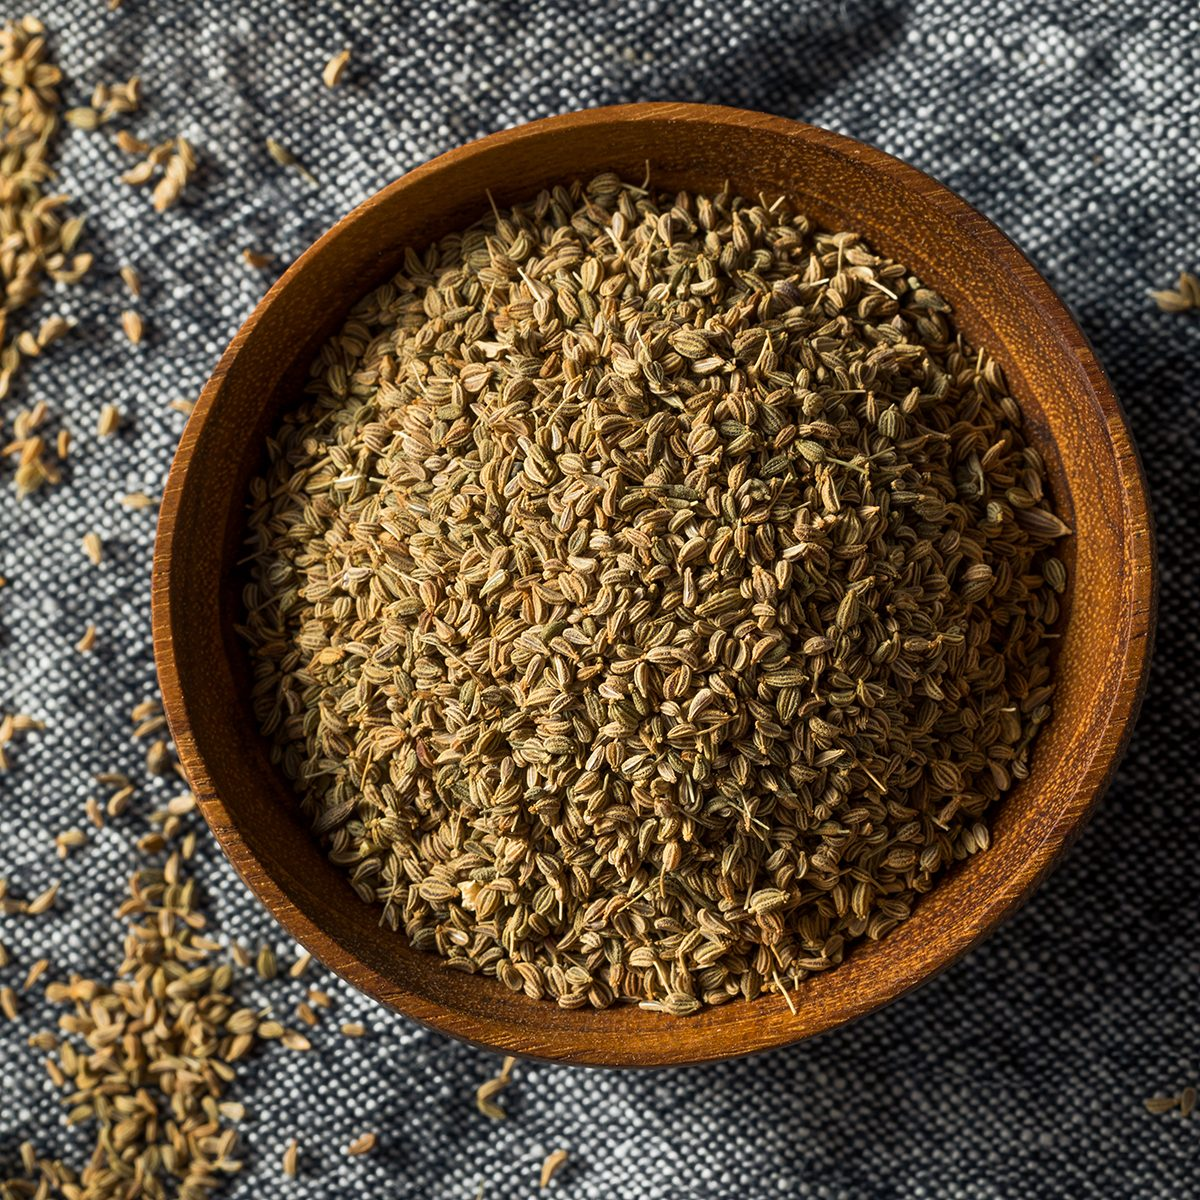 Raw Brown Organic Ajwain Seed in a Bowl